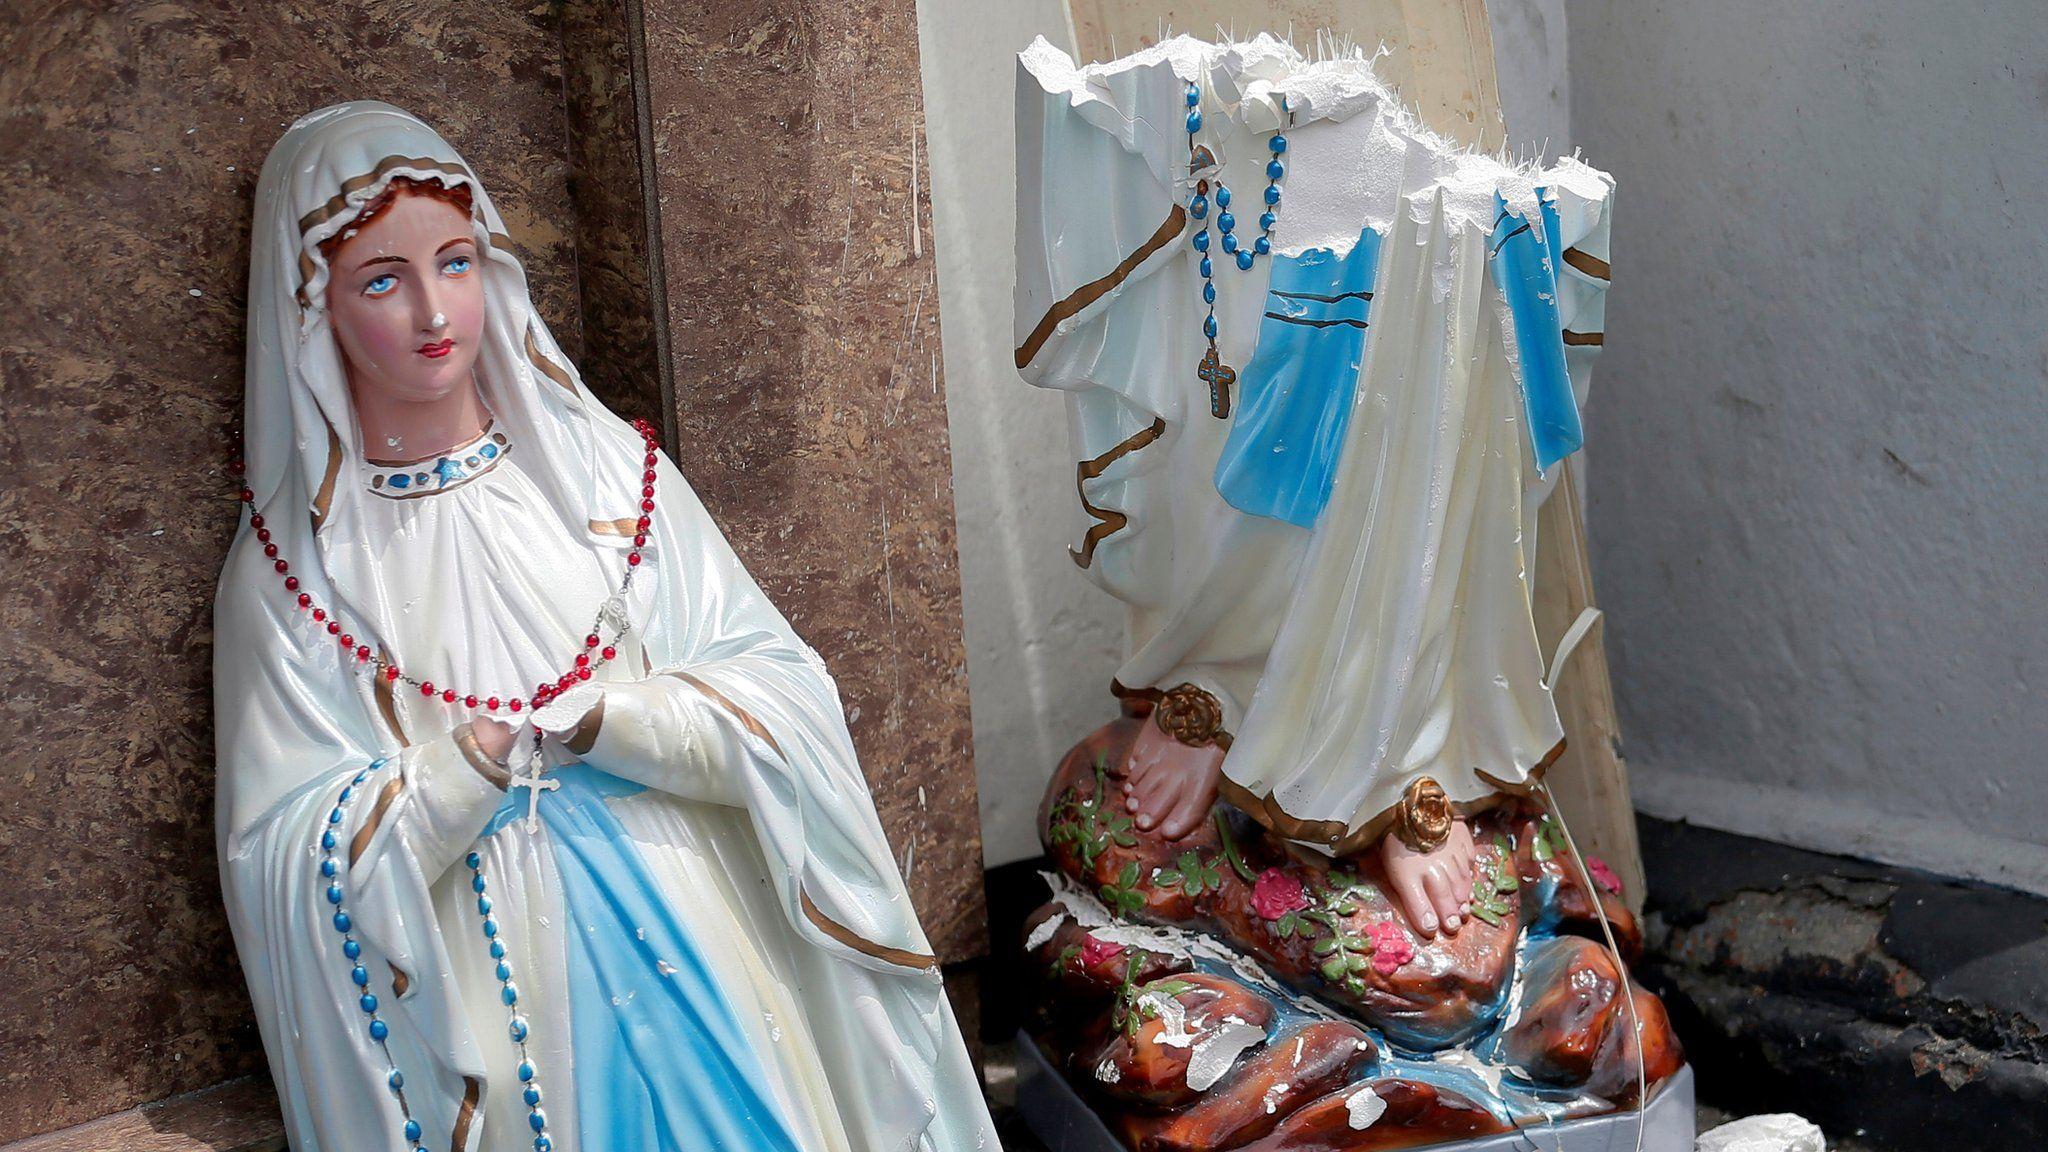 Sri Lanka: Easter bombings